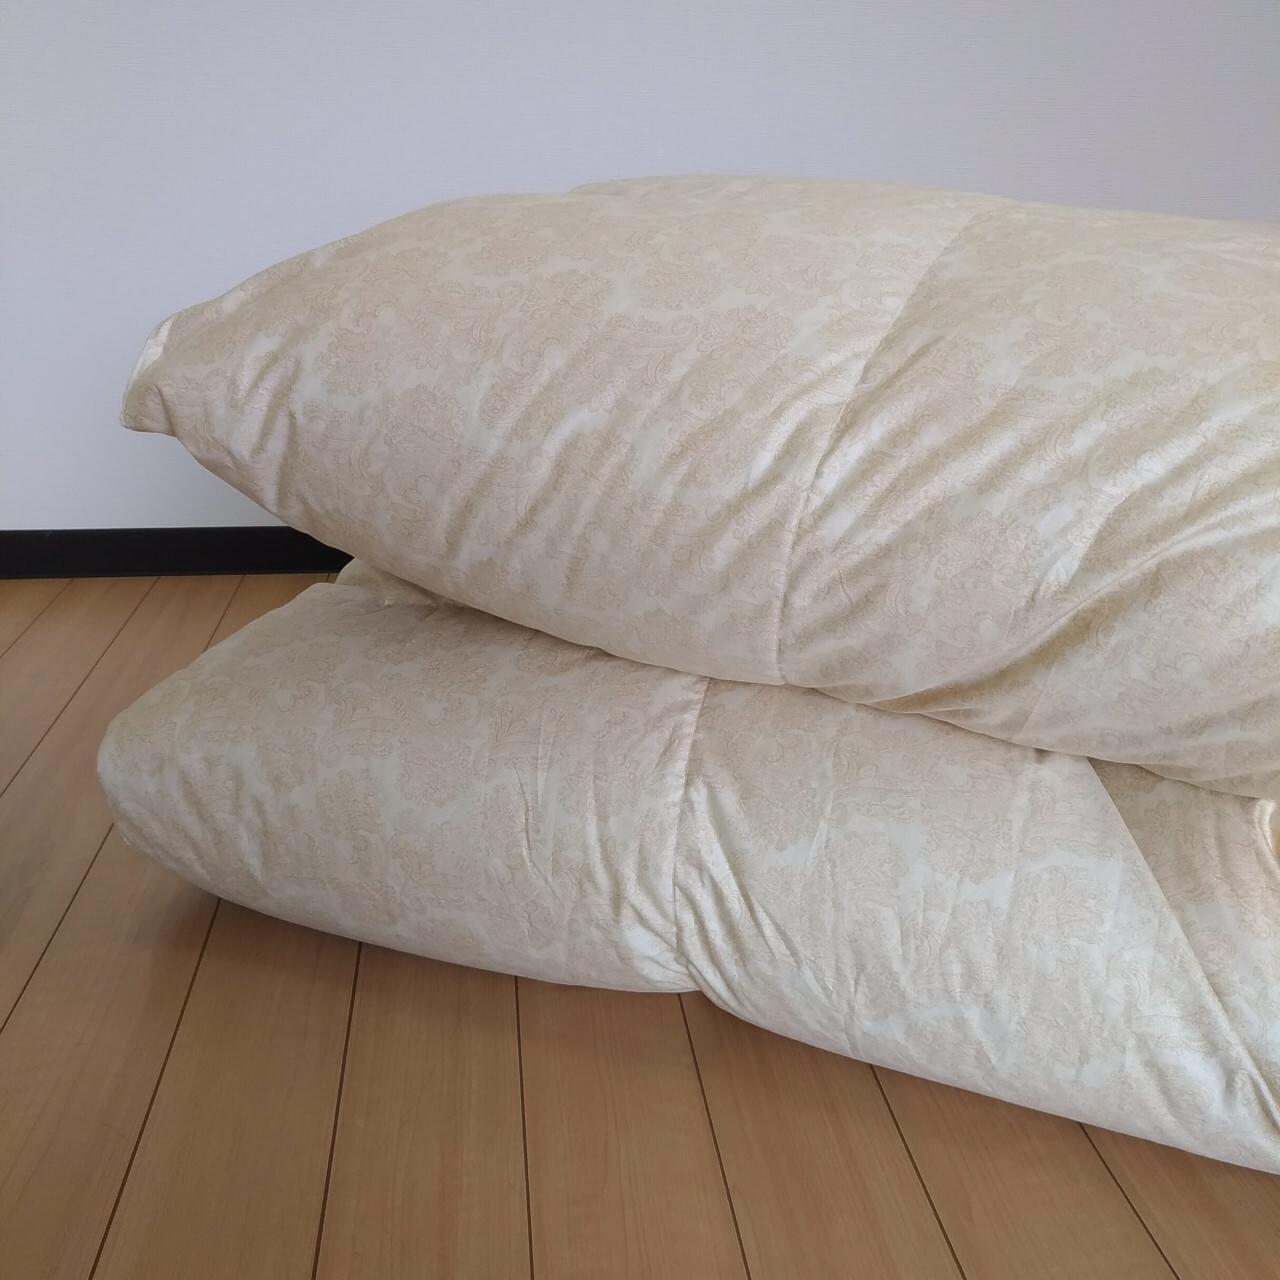 SD-羽毛掛ふとん 【マース】 セミダブル カナダマザーホワイトグースダウン-CONキルト (80サテン/1.5kg)